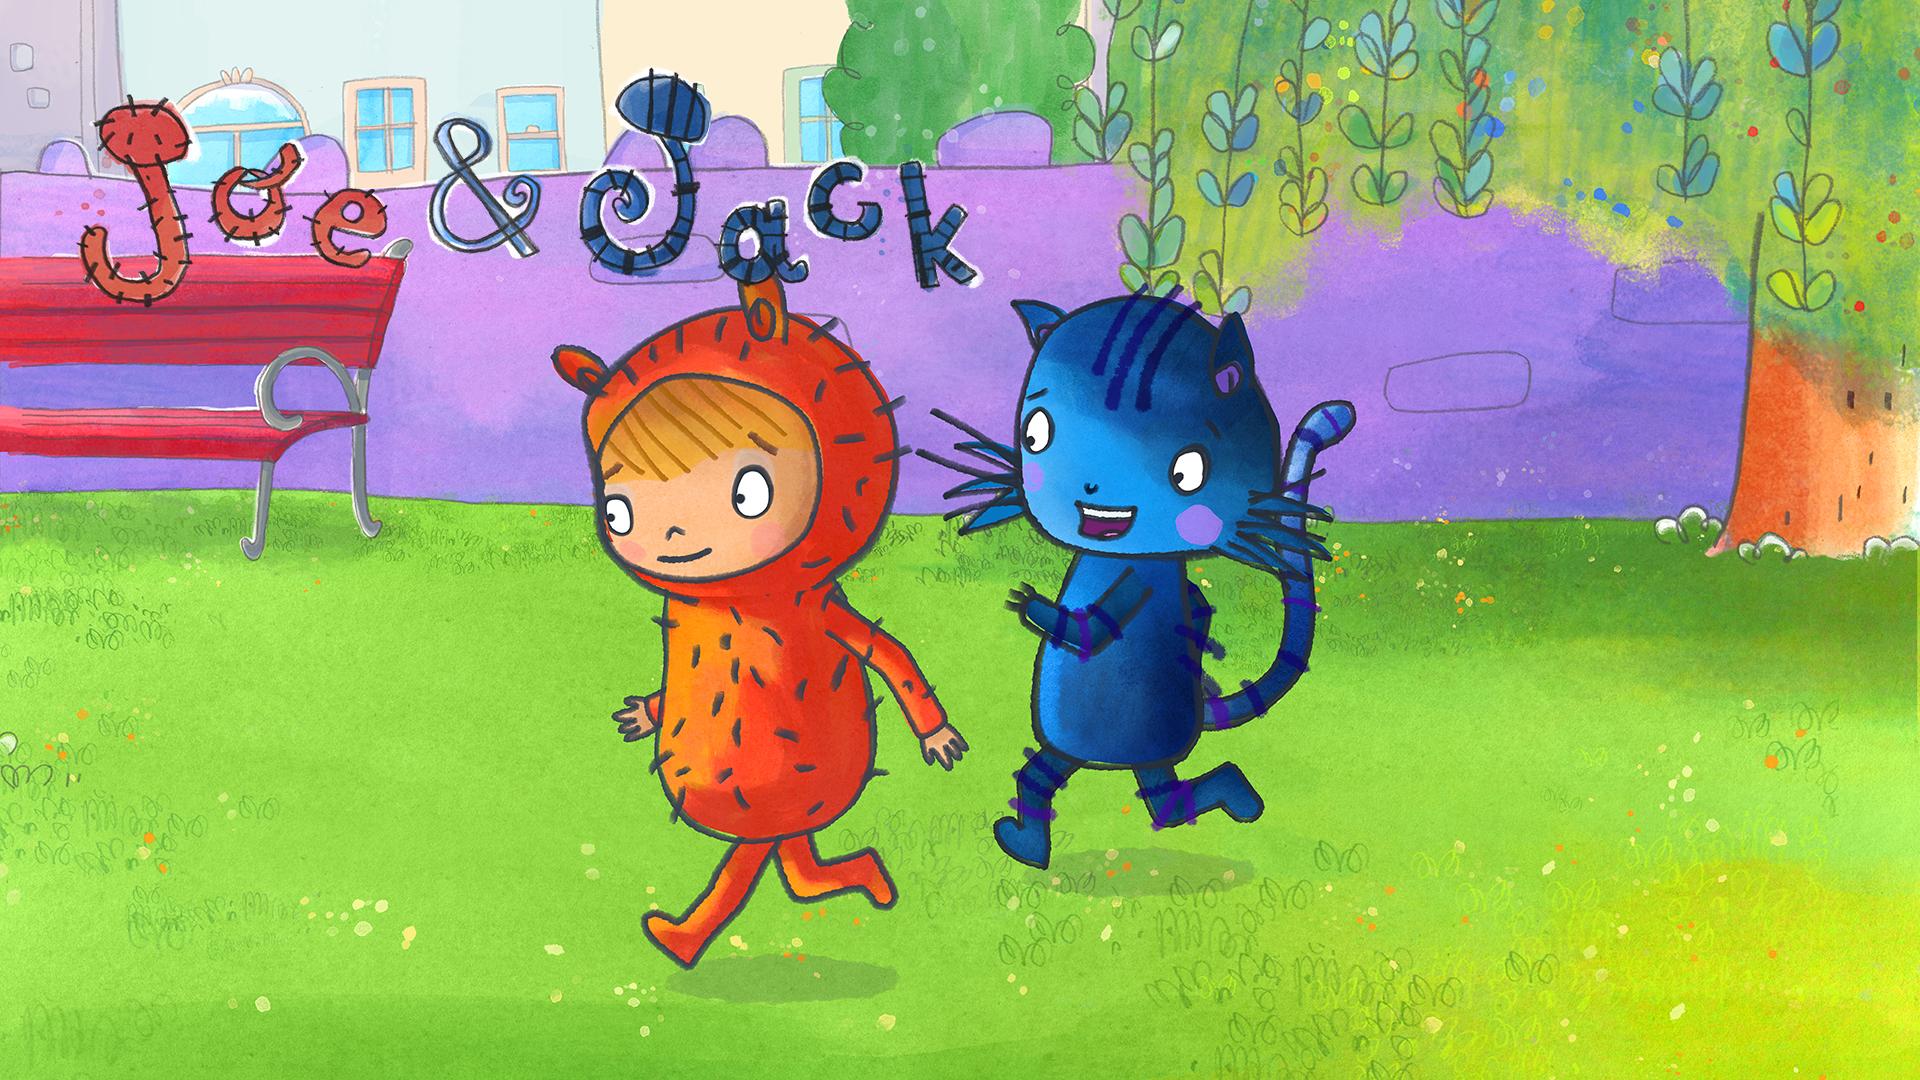 Joe & Jack